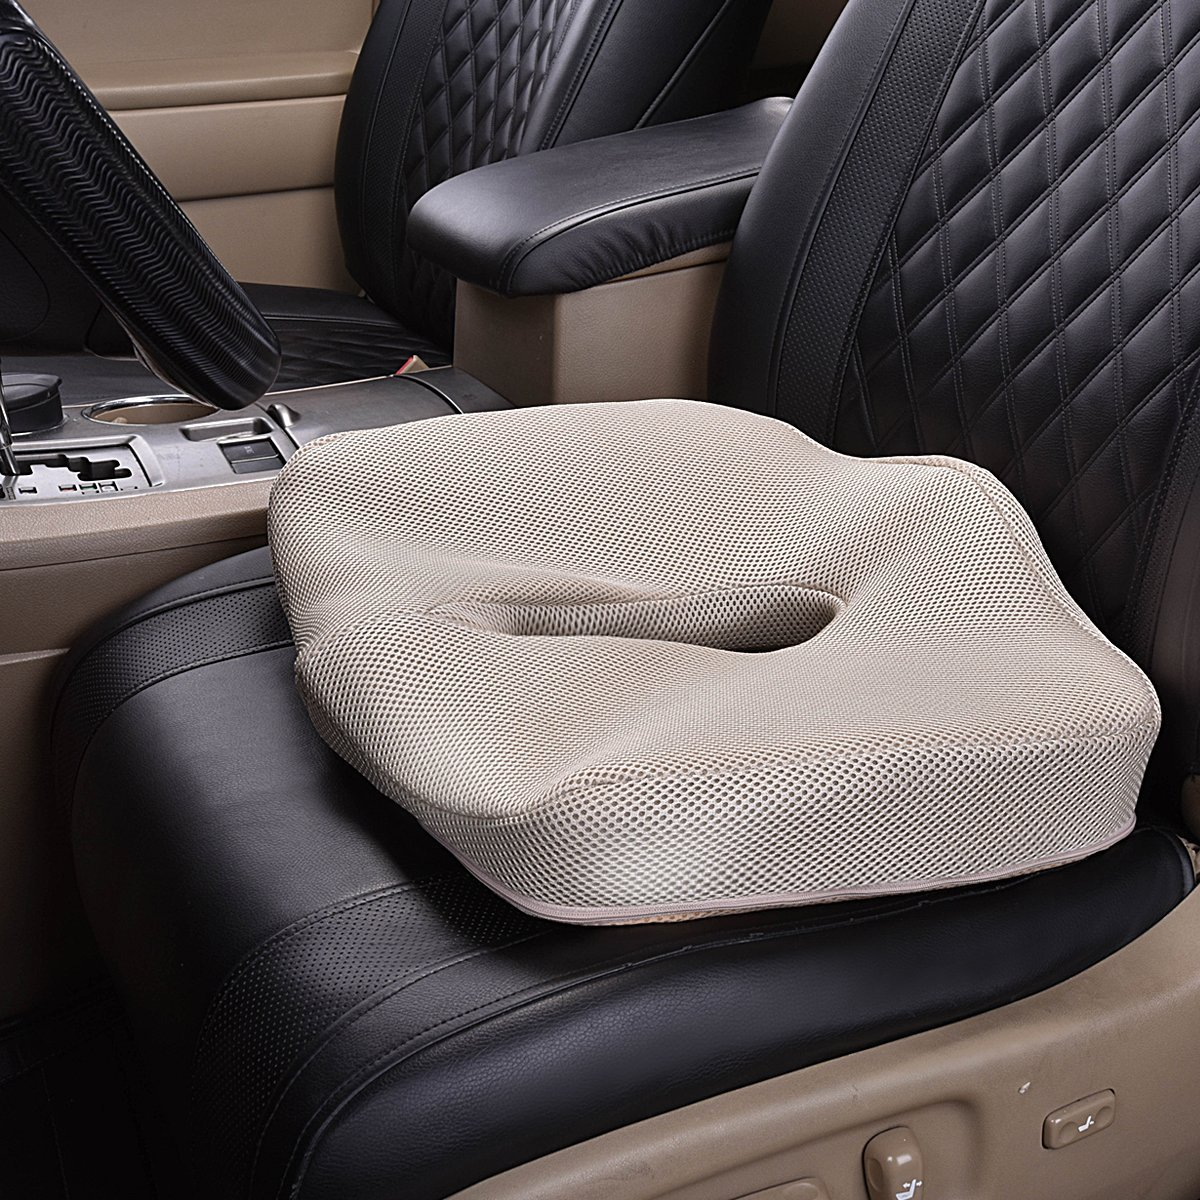 MEMORY FOAM Asiento Cojín de masaje para silla Oficina, vehículos, - Accesorios de interior de coche - foto 2